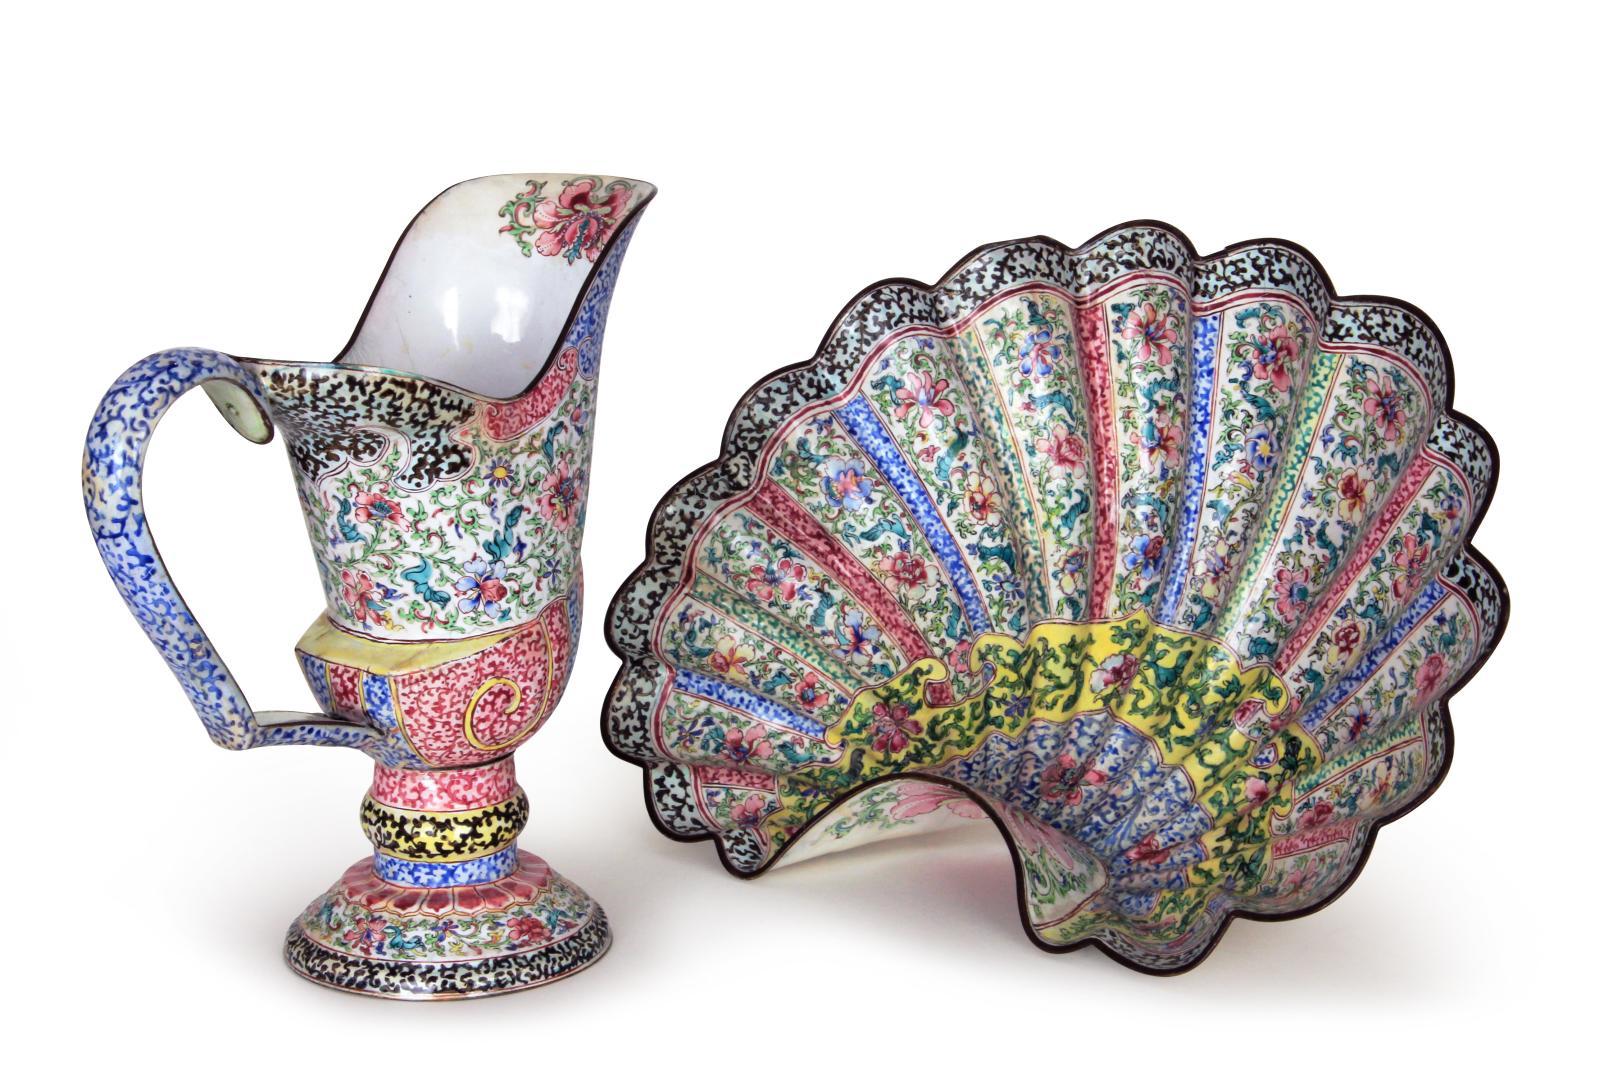 Ensemble formé d'une aiguière casque sur piédouche et son bassin, Chine, dynastie Qing, vers 1720-1745.